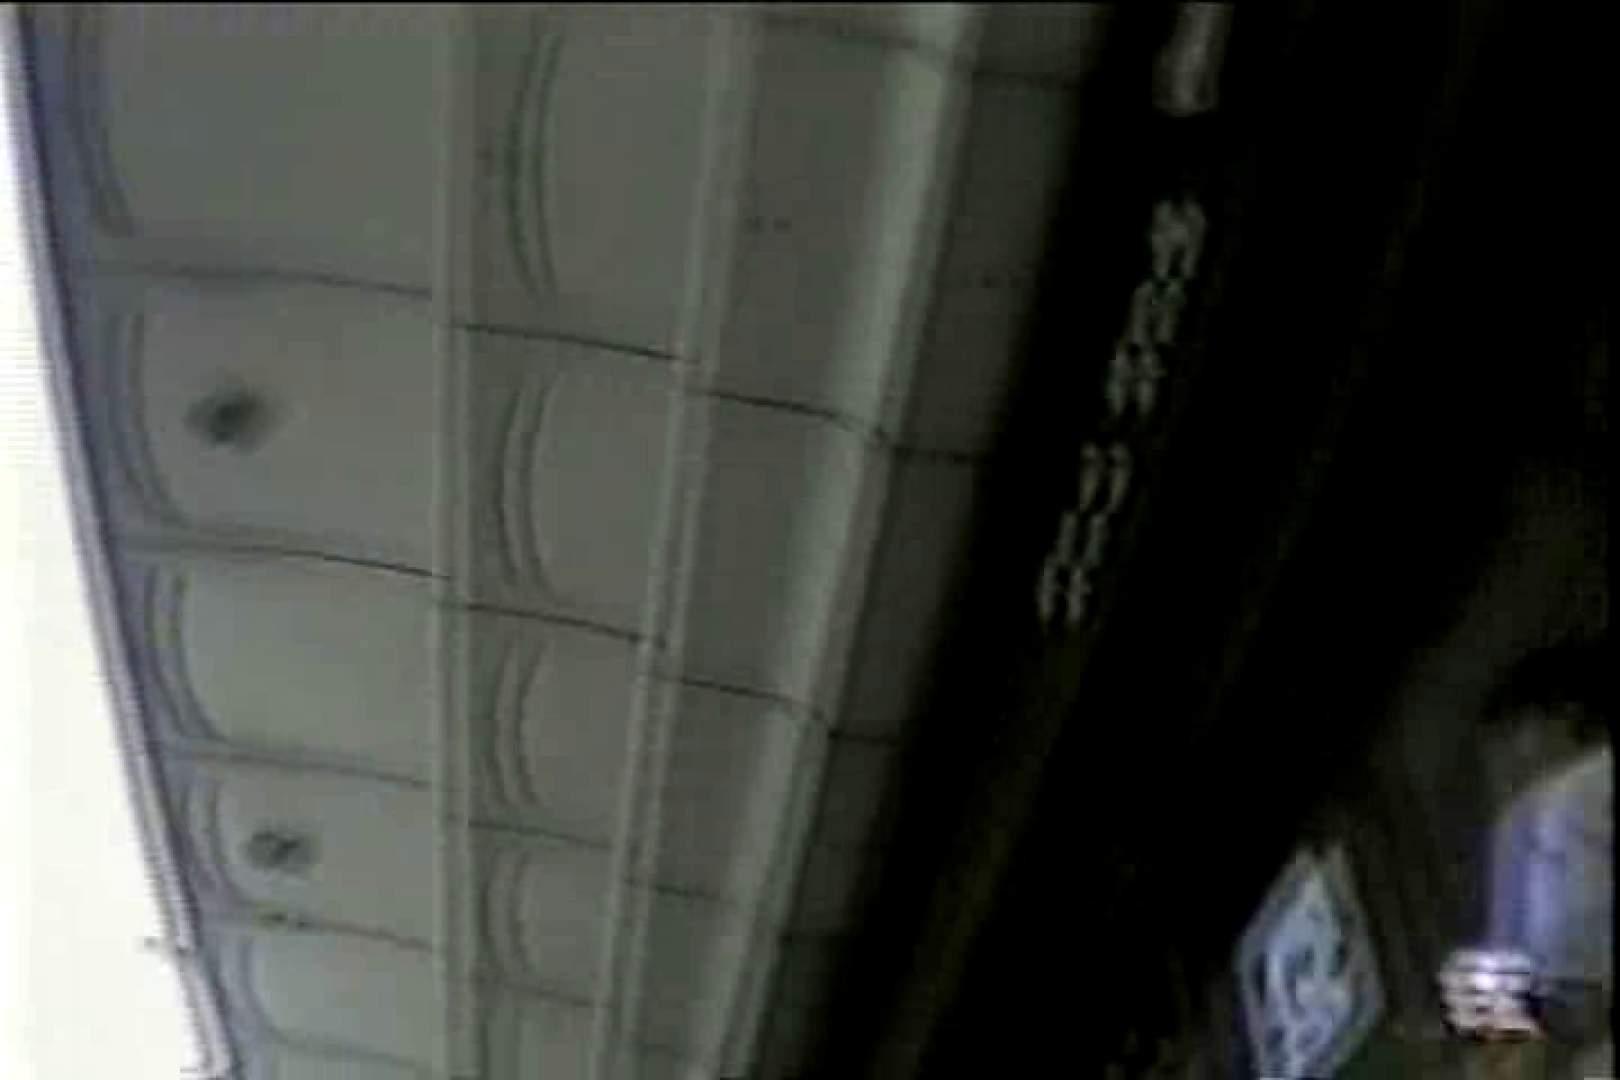 関西発!タツヤのDV直撮り大追跡Vol.1 OLエロ画像 | 追跡  109PICs 21